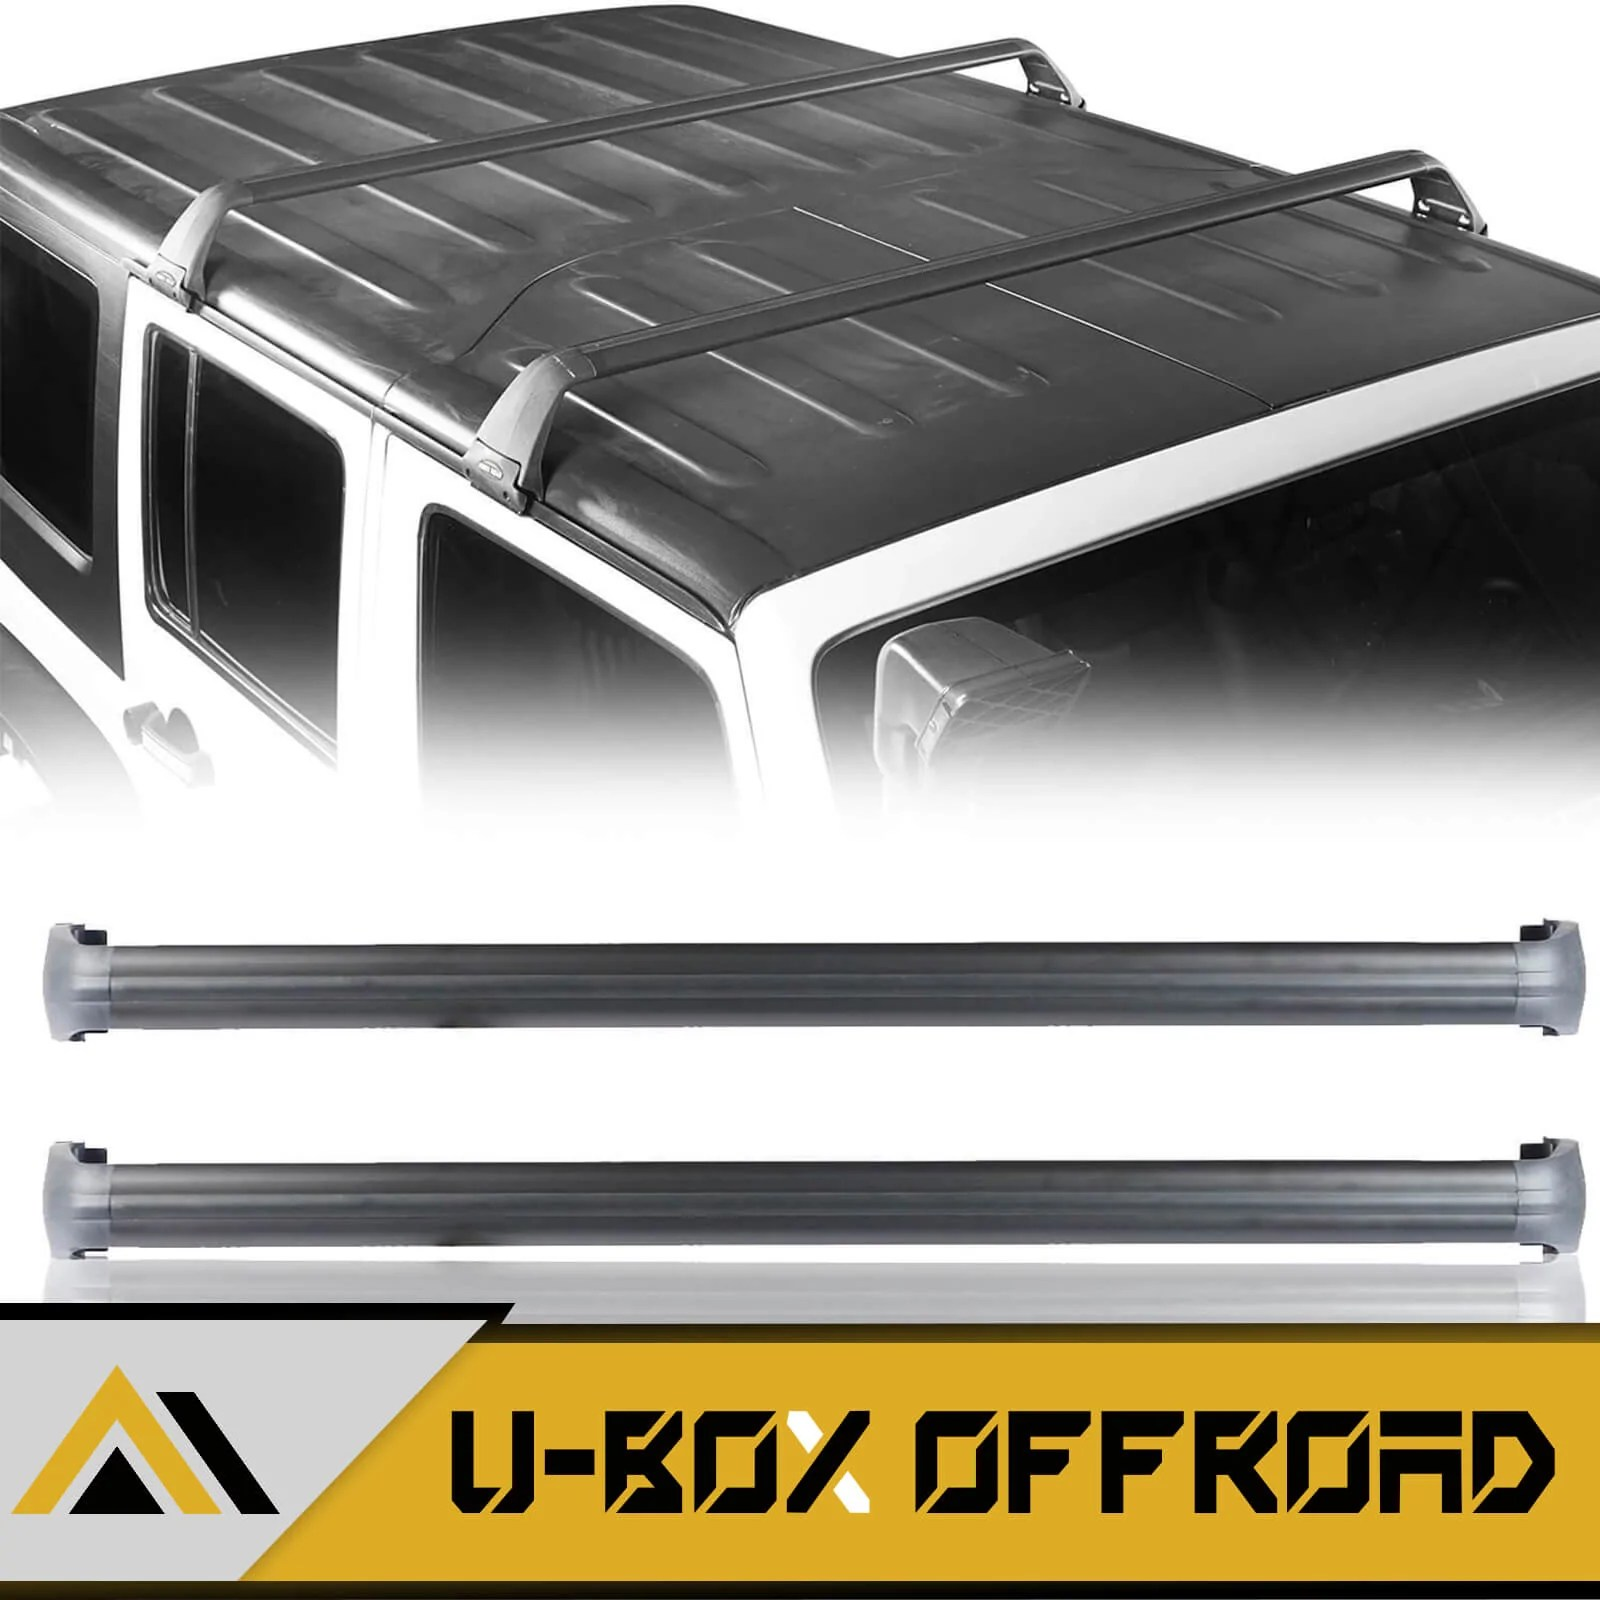 roof rack aluminum alloy 07 21 jeep wrangler jk jl